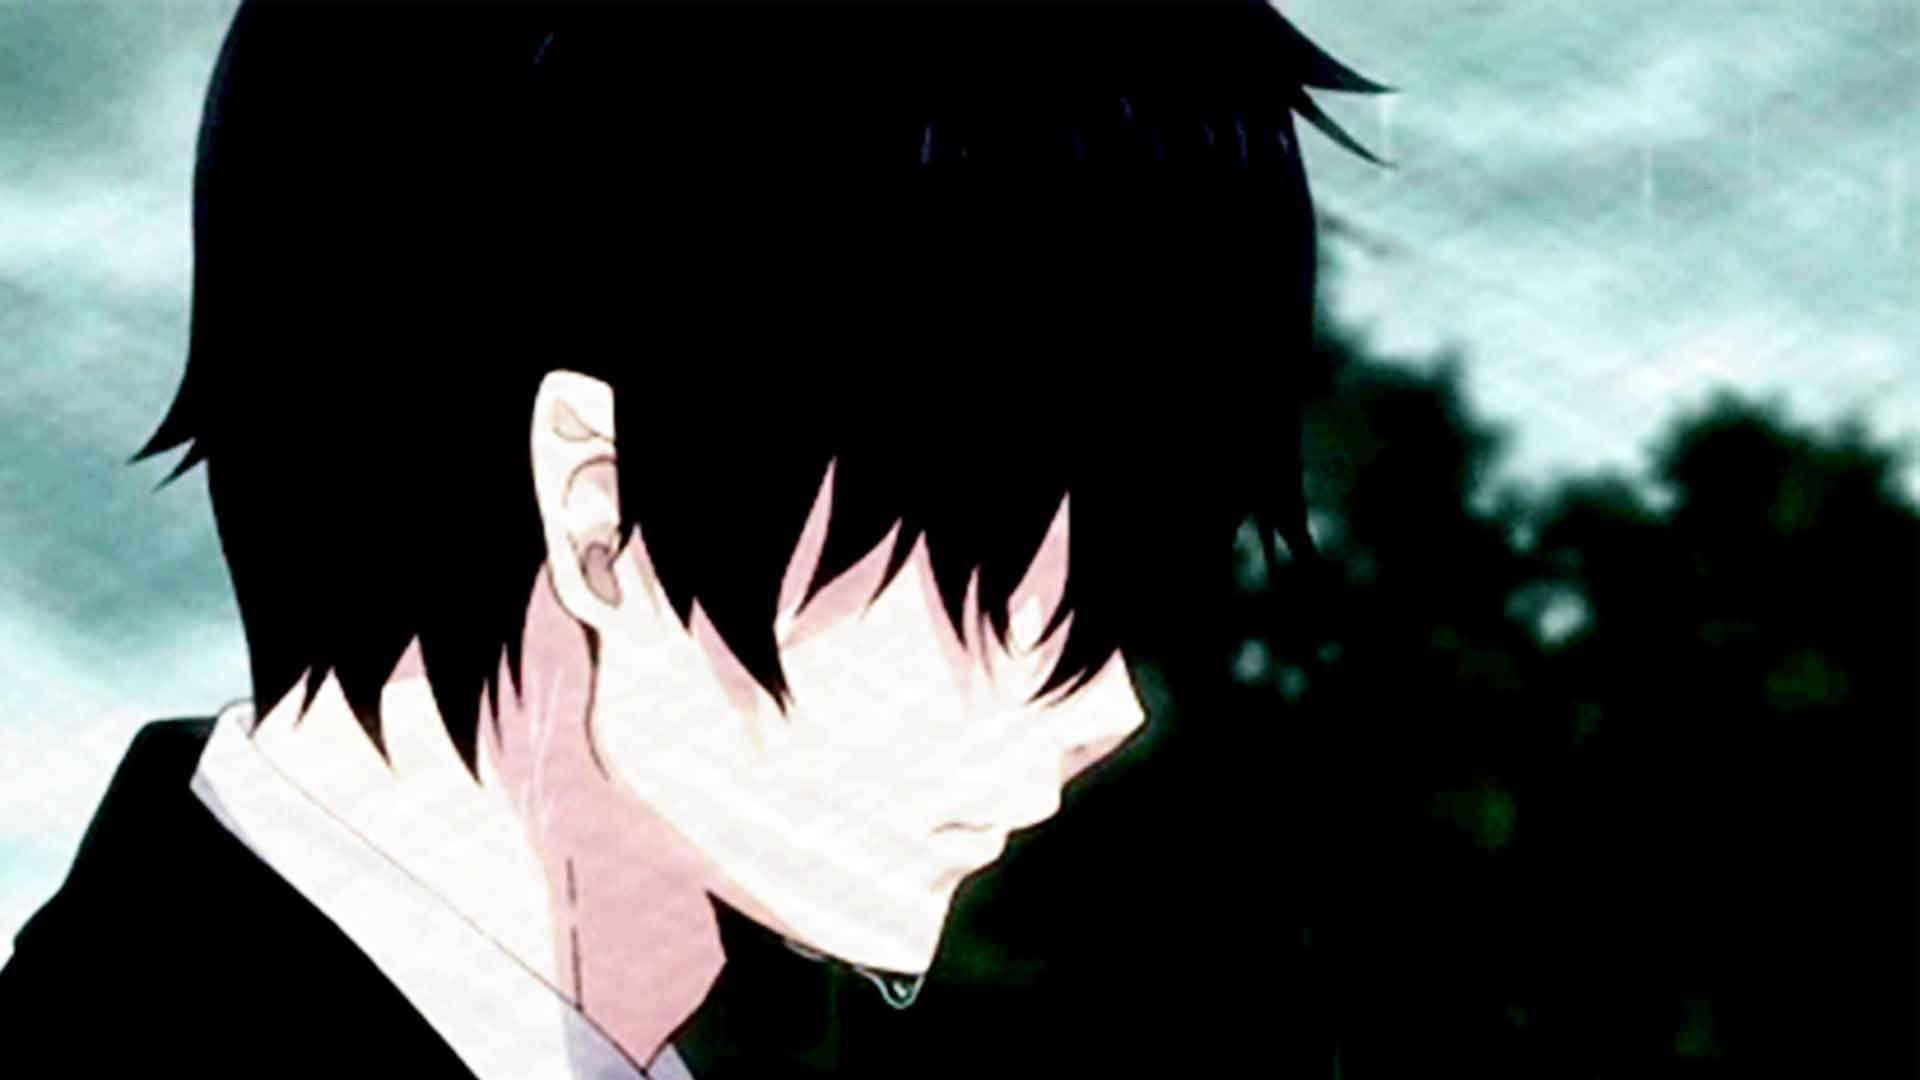 1920x1200 sad girl crying anime manga wallpaper chainimage